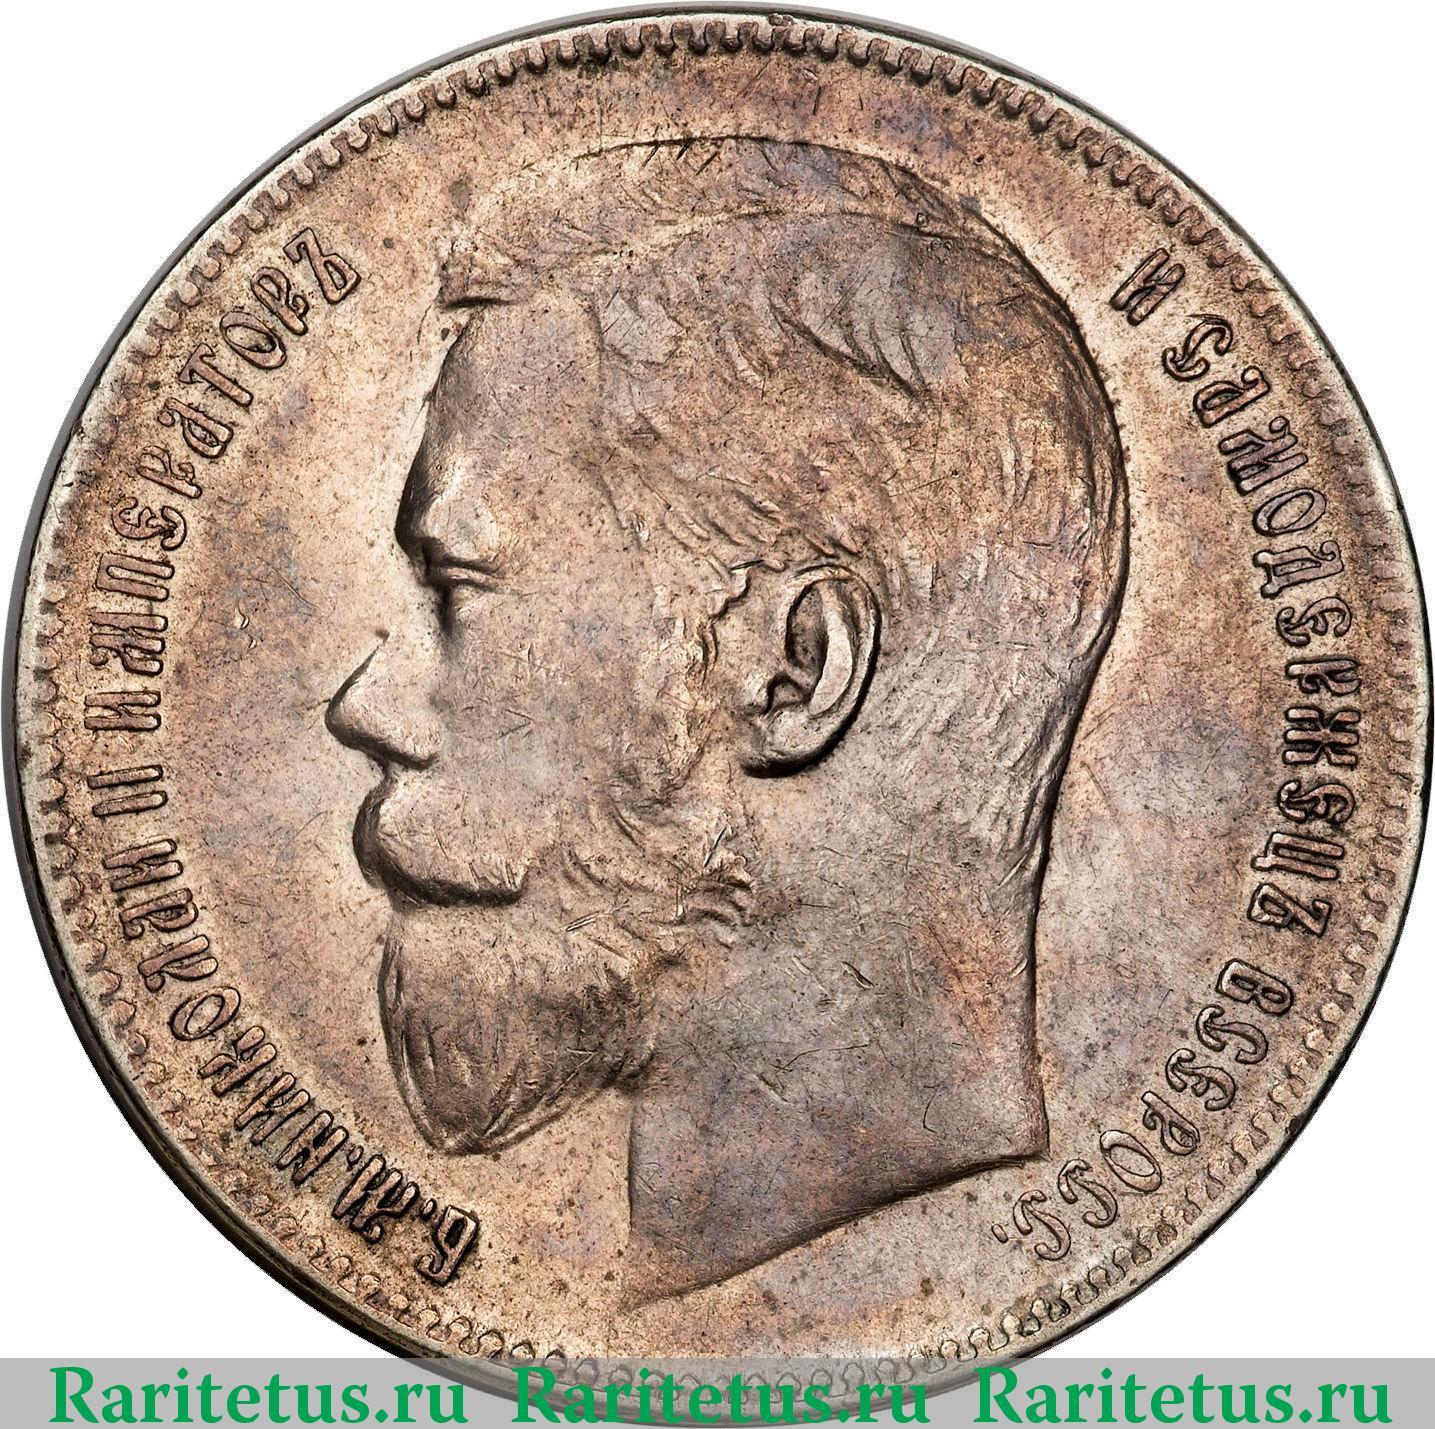 Гурт монеты николая 2 юбилейные монеты ссср ошибки